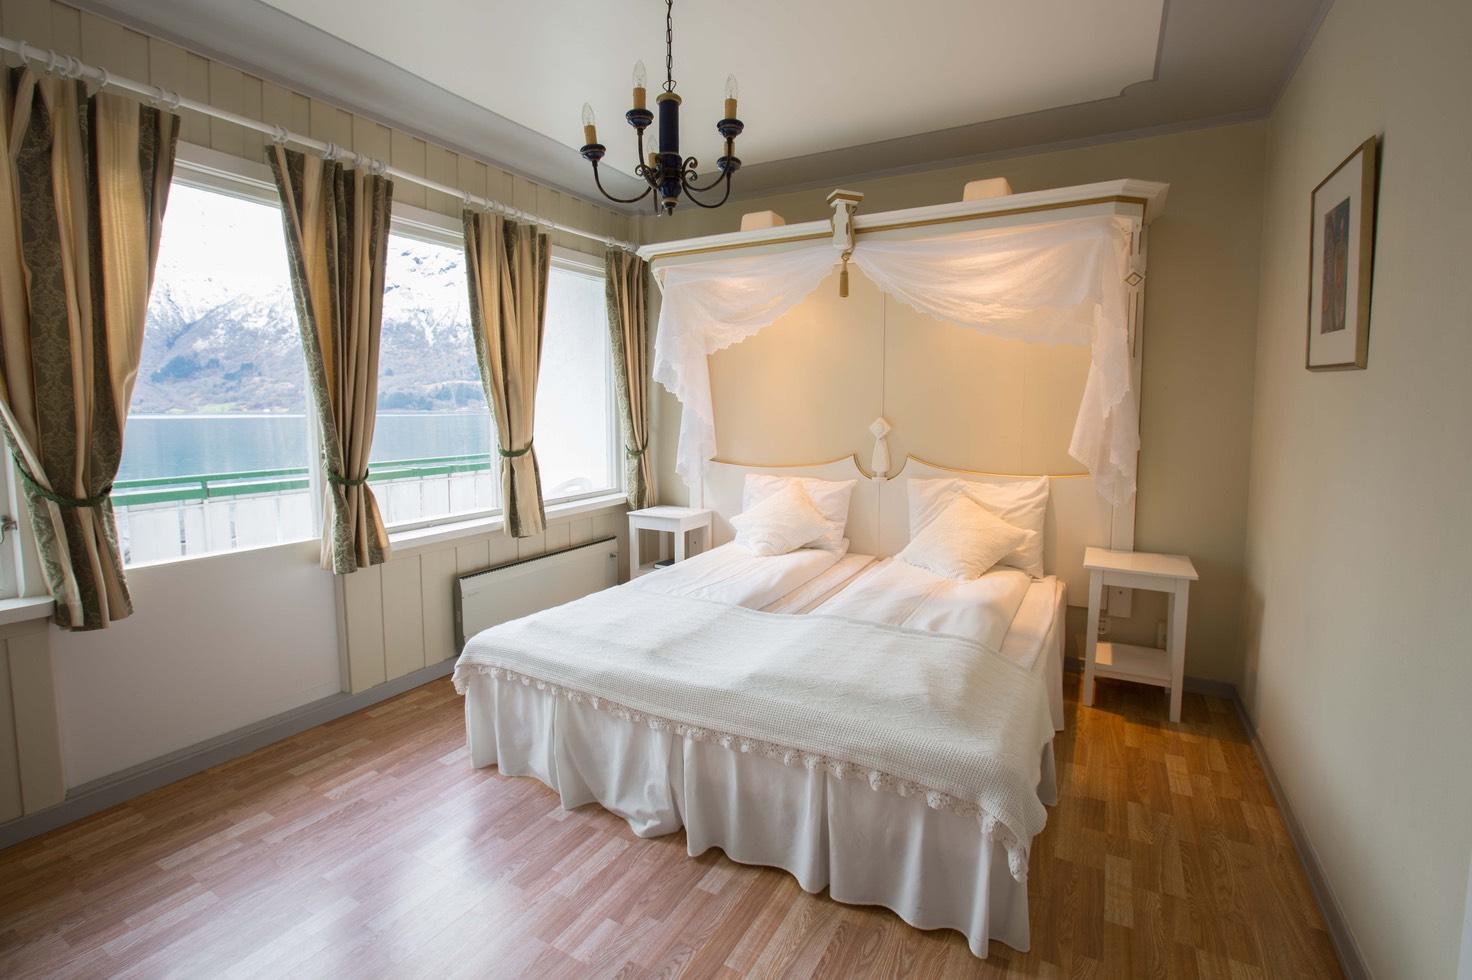 Full Size of Romantisches Bett Xxl Betten Nussbaum 180x200 Amerikanisches Minion Französische Köln Jugendzimmer Balken Buche 140 Mit Gästebett Schrank Ebay Günstige Bett Romantisches Bett